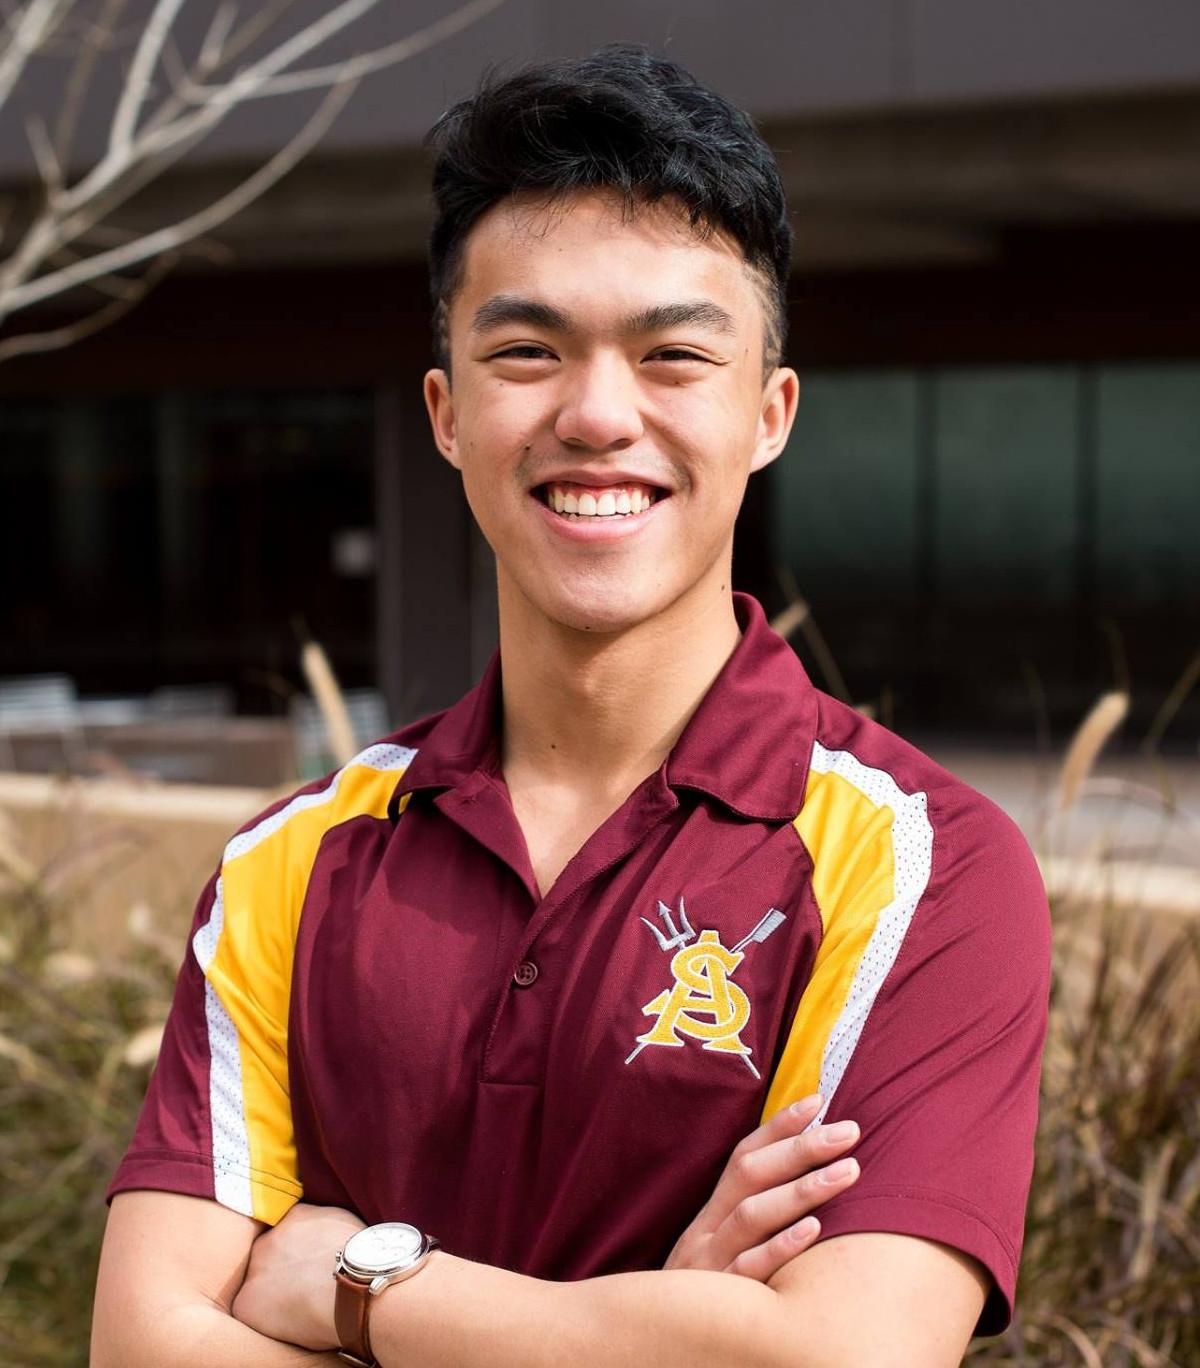 Joshua Hsu